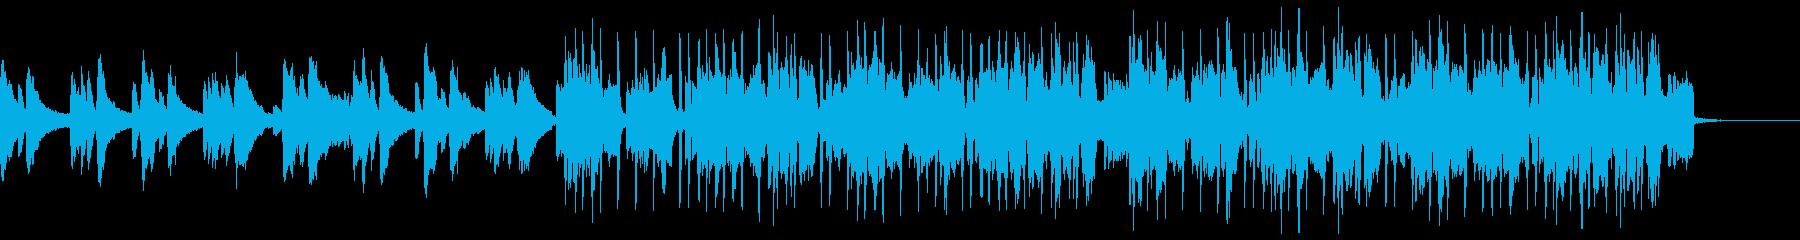 ほのぼのとした渋いファンクの再生済みの波形